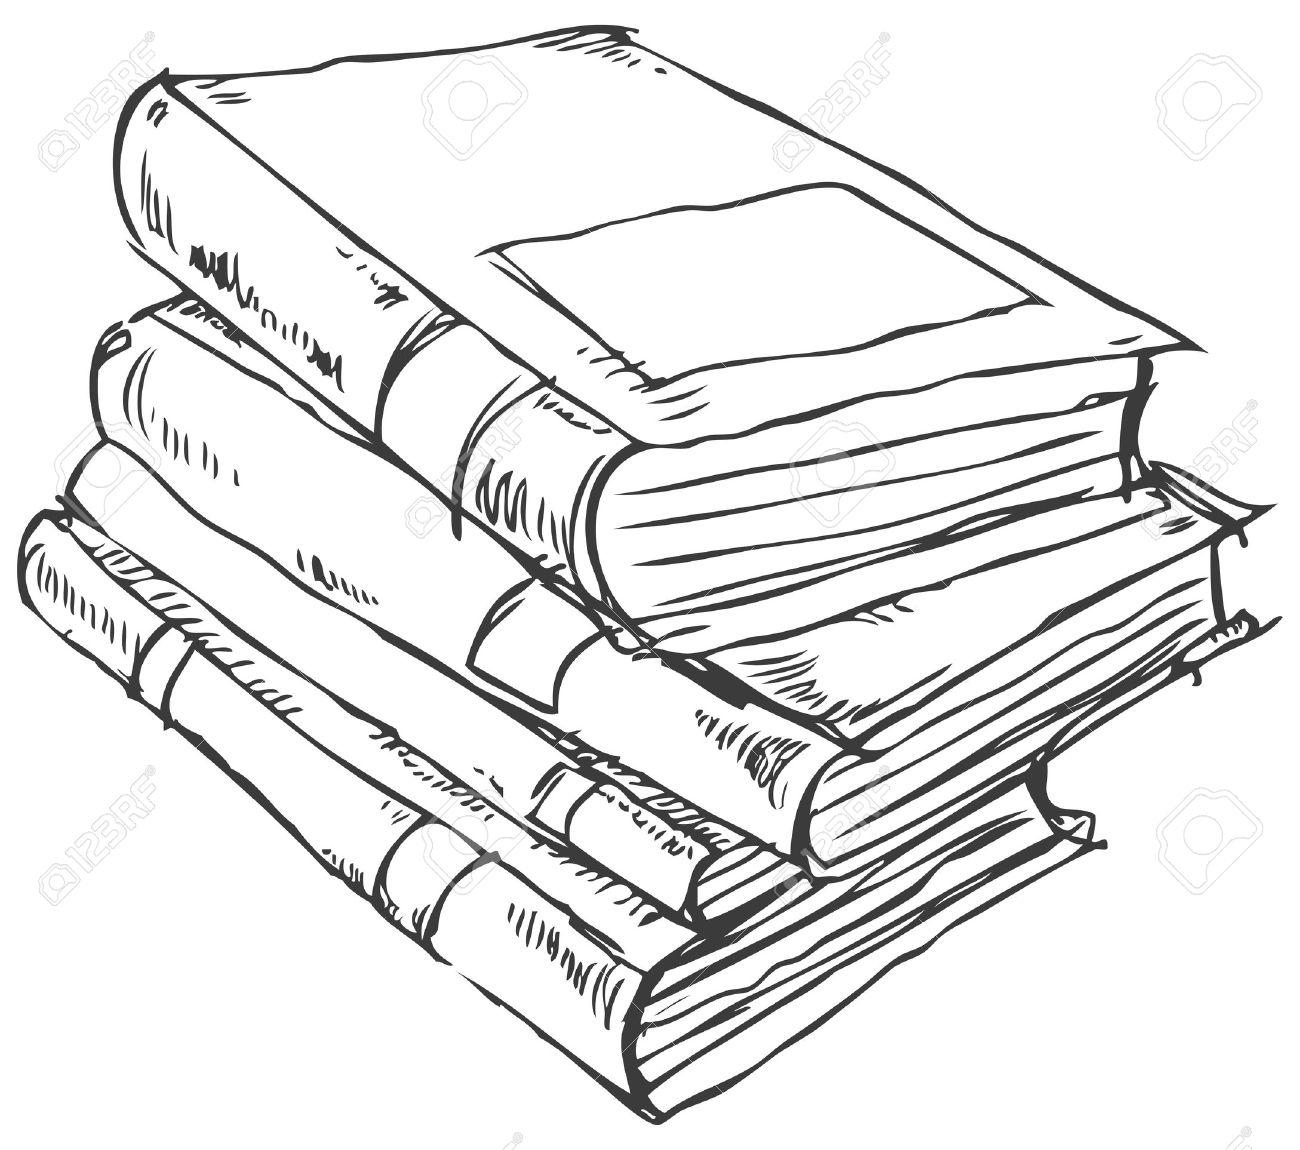 Bücherstapel gezeichnet  Doodle Der Bücher Stapel Lizenzfrei Nutzbare Vektorgrafiken, Clip ...